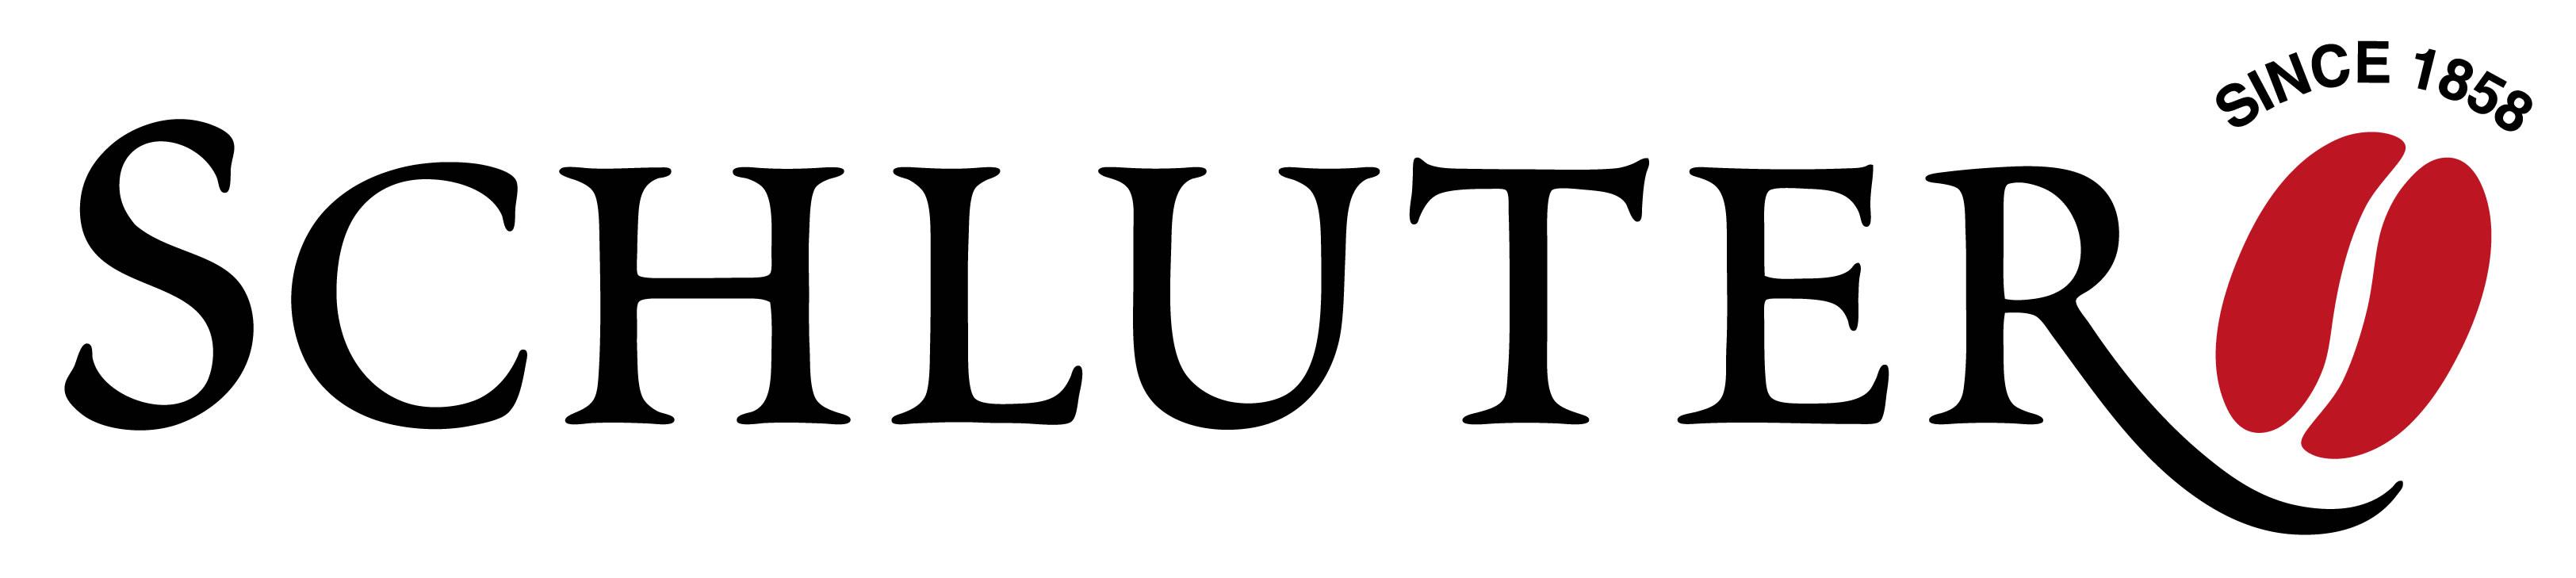 schluter-logo-vector-black